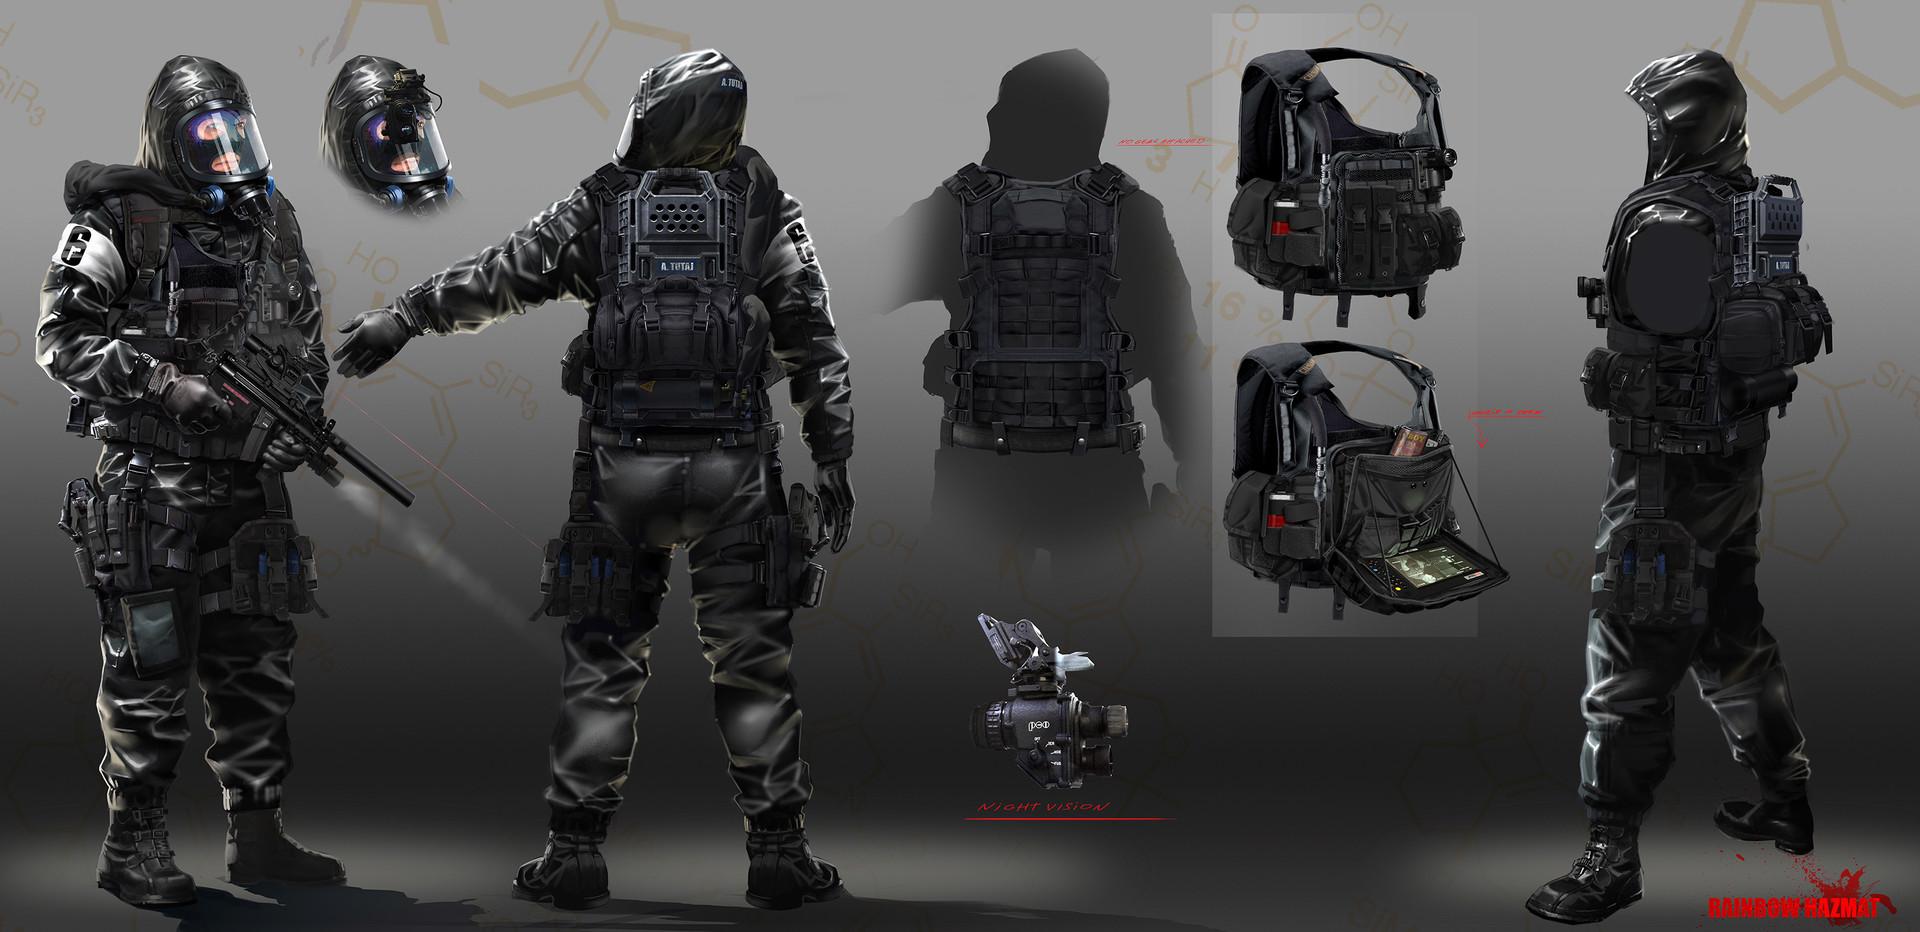 Soldier Video Games Rainbowsix Siege Digital Art Dark: Image - Hazmat Concept Design.jpg